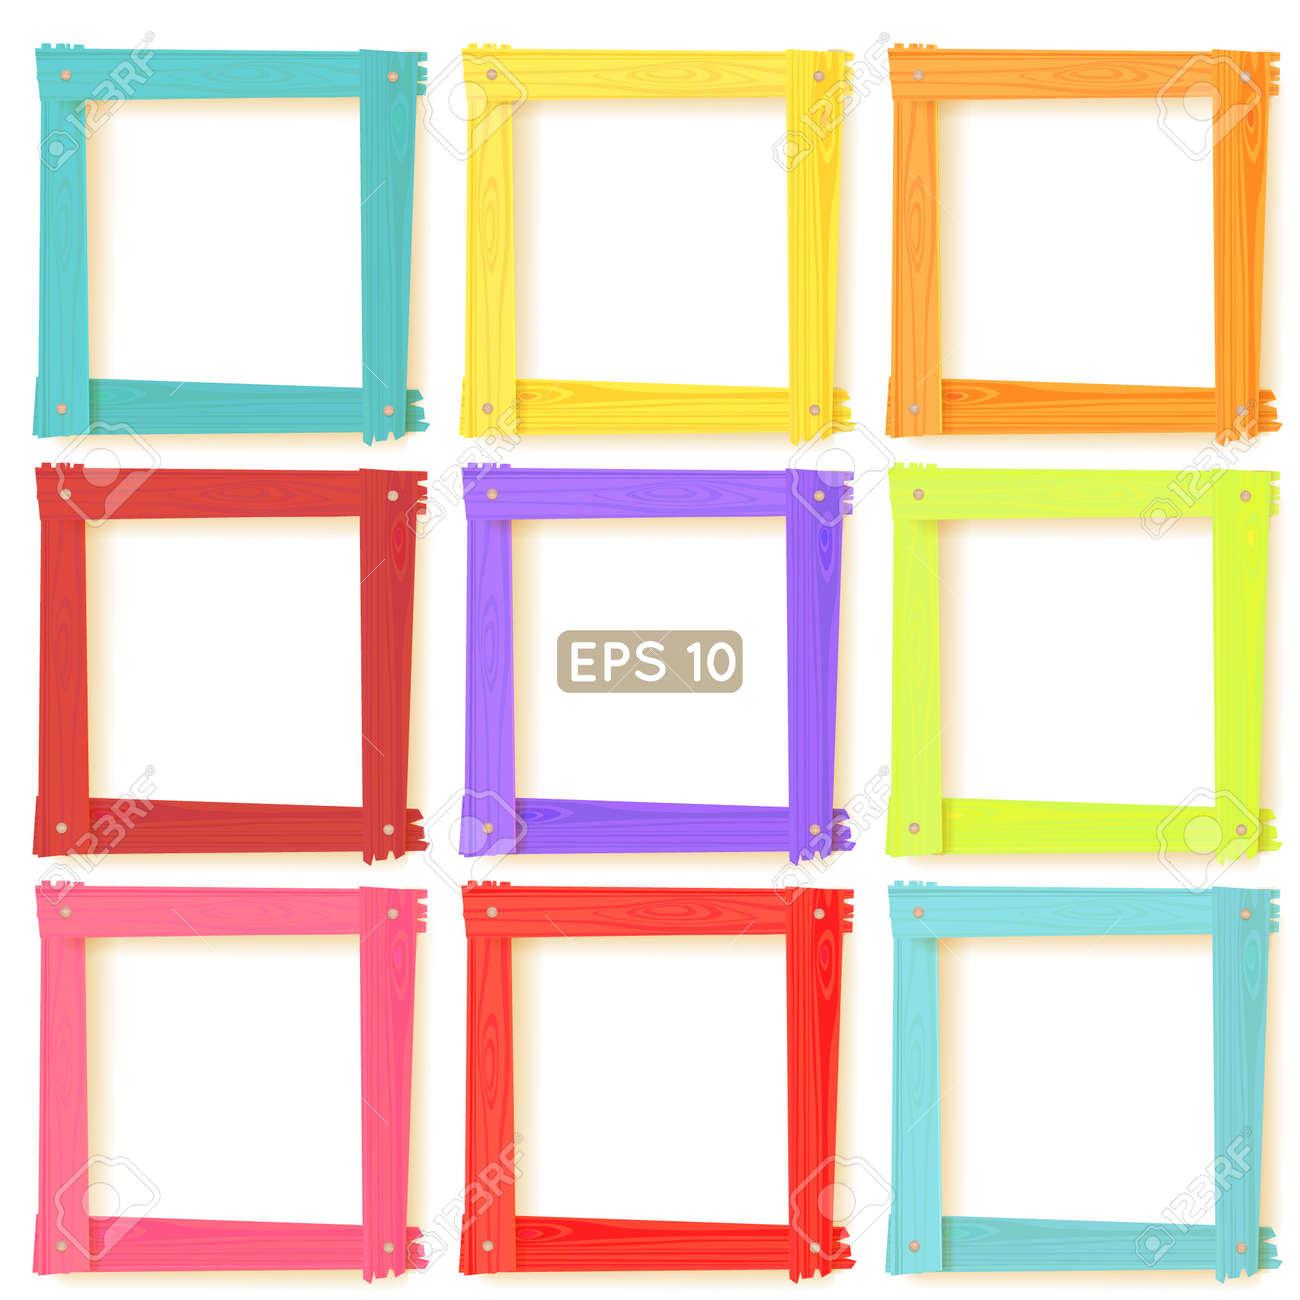 9 Holz Quadrat Bilderrahmen Farbe Regenbogen-Set Für Ihre Web-Design ...